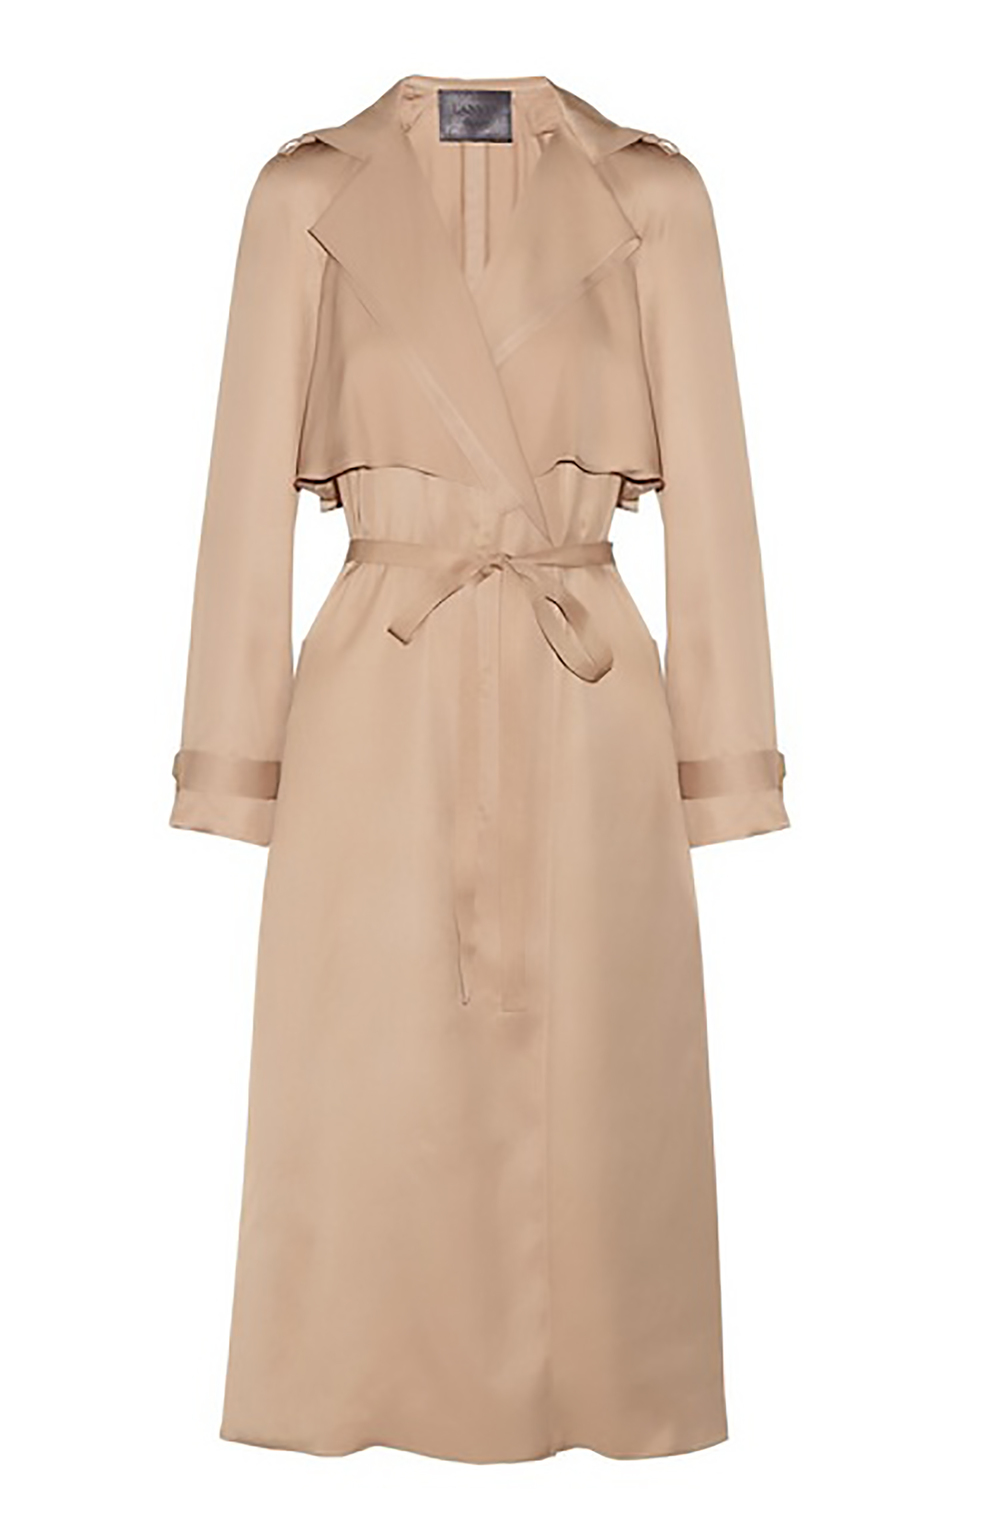 net a porter Lanvin wrap front pique coat April Showers 1500.jpg